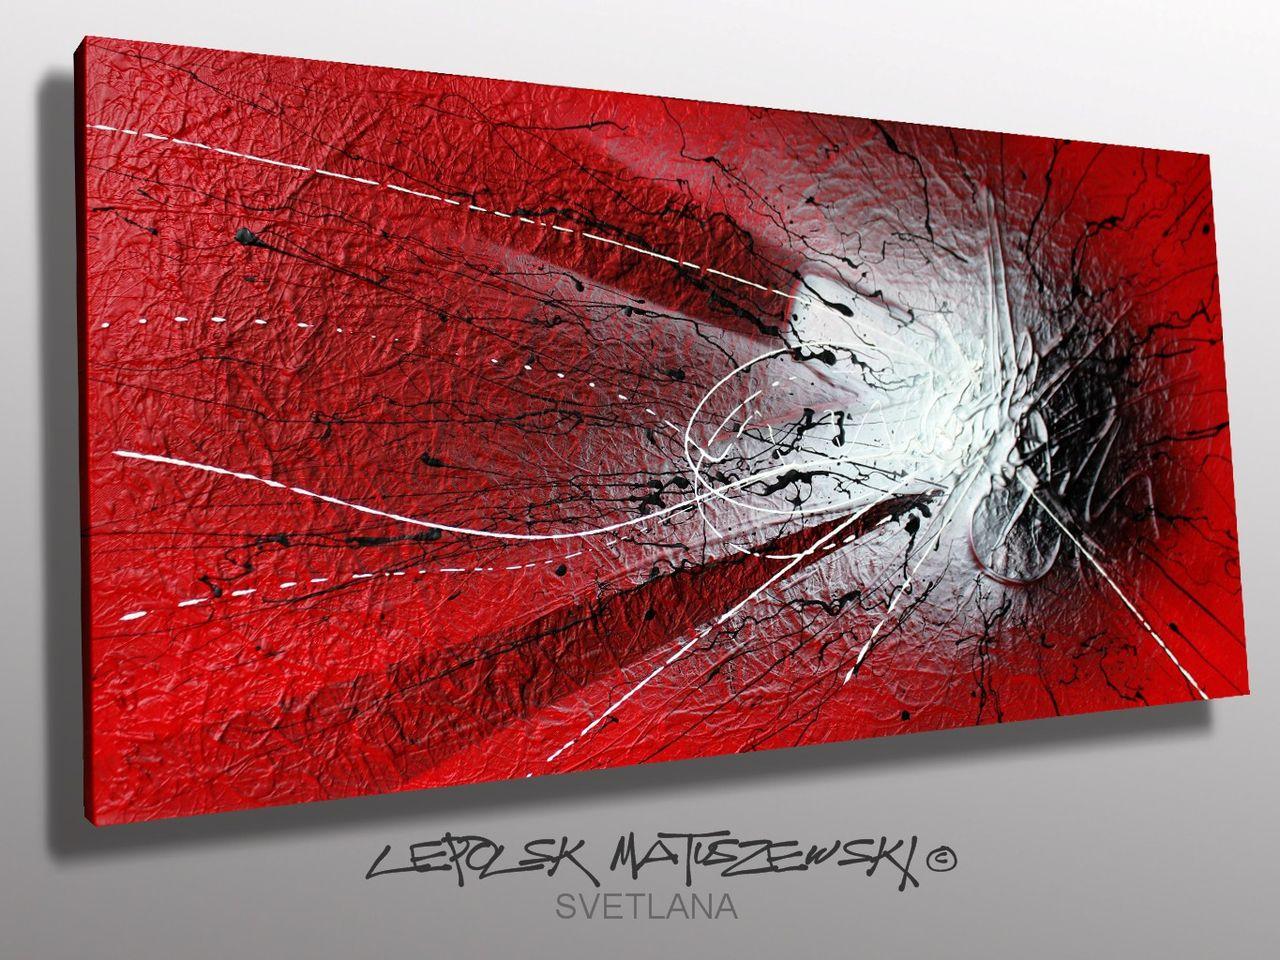 MISTER K  (Lepolsk Matuszewski) SVETLANA   Expressionnisme abstrait contemporain